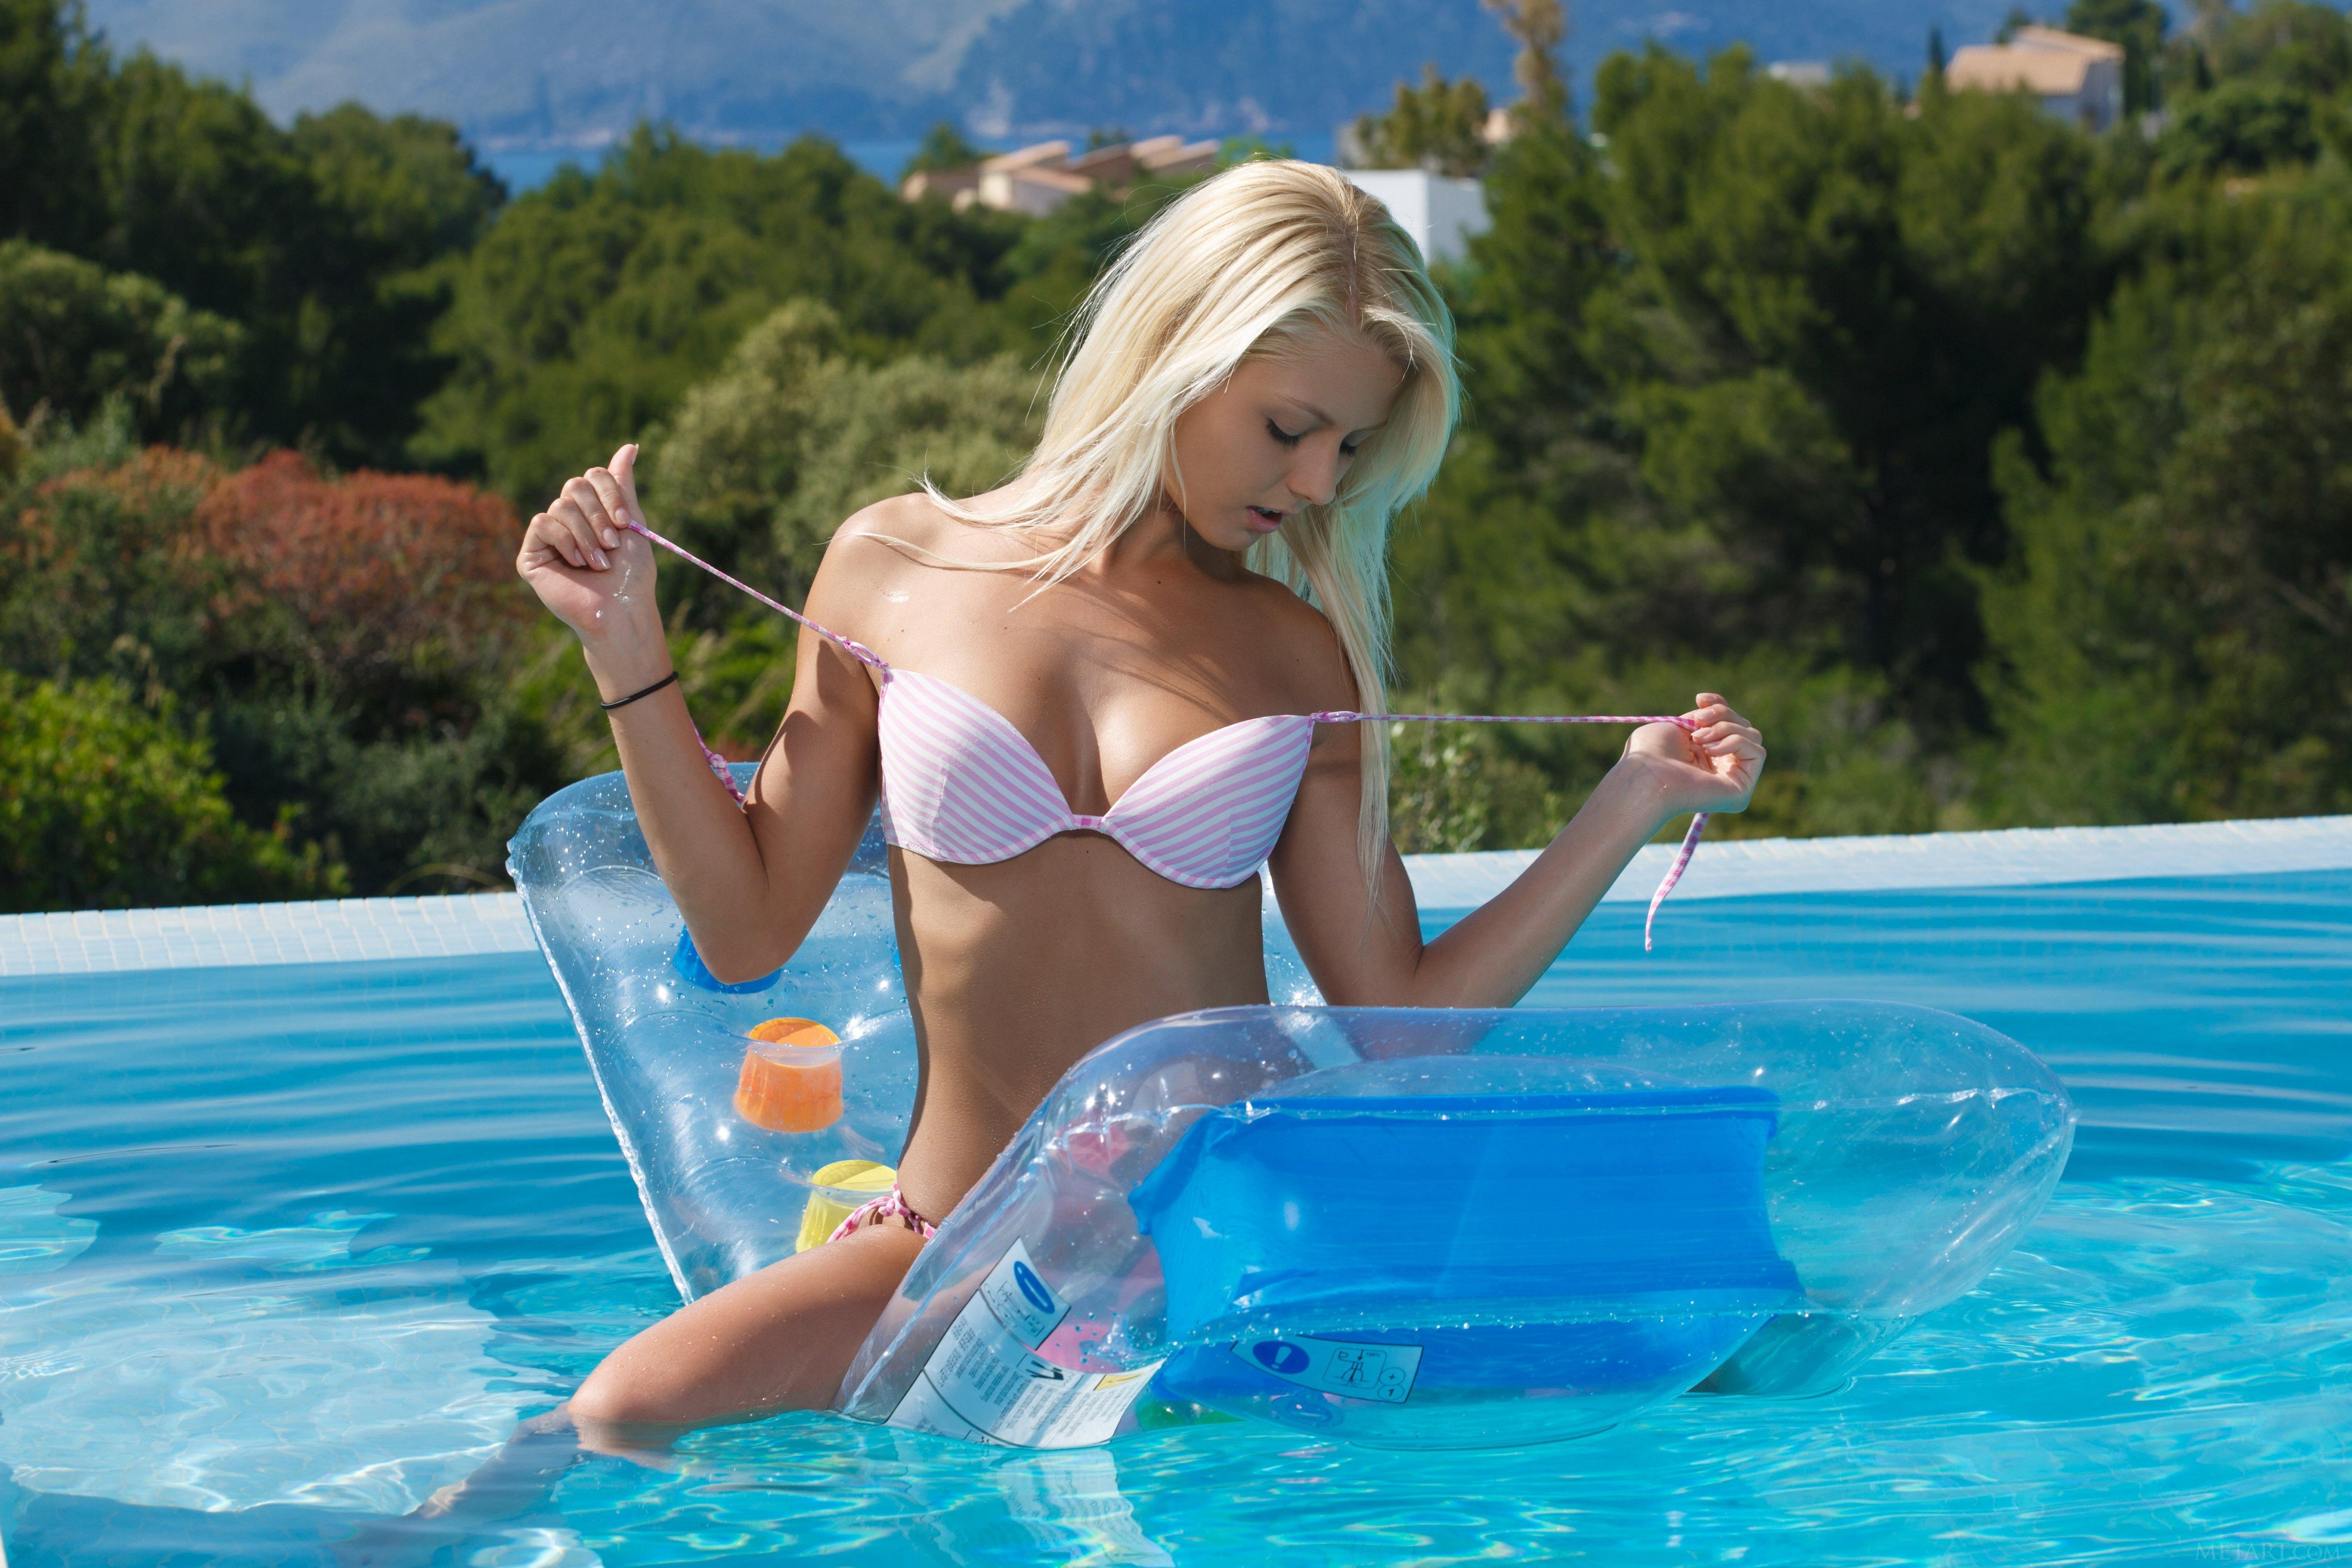 Фото красивых блондинок в бикини 2 фотография